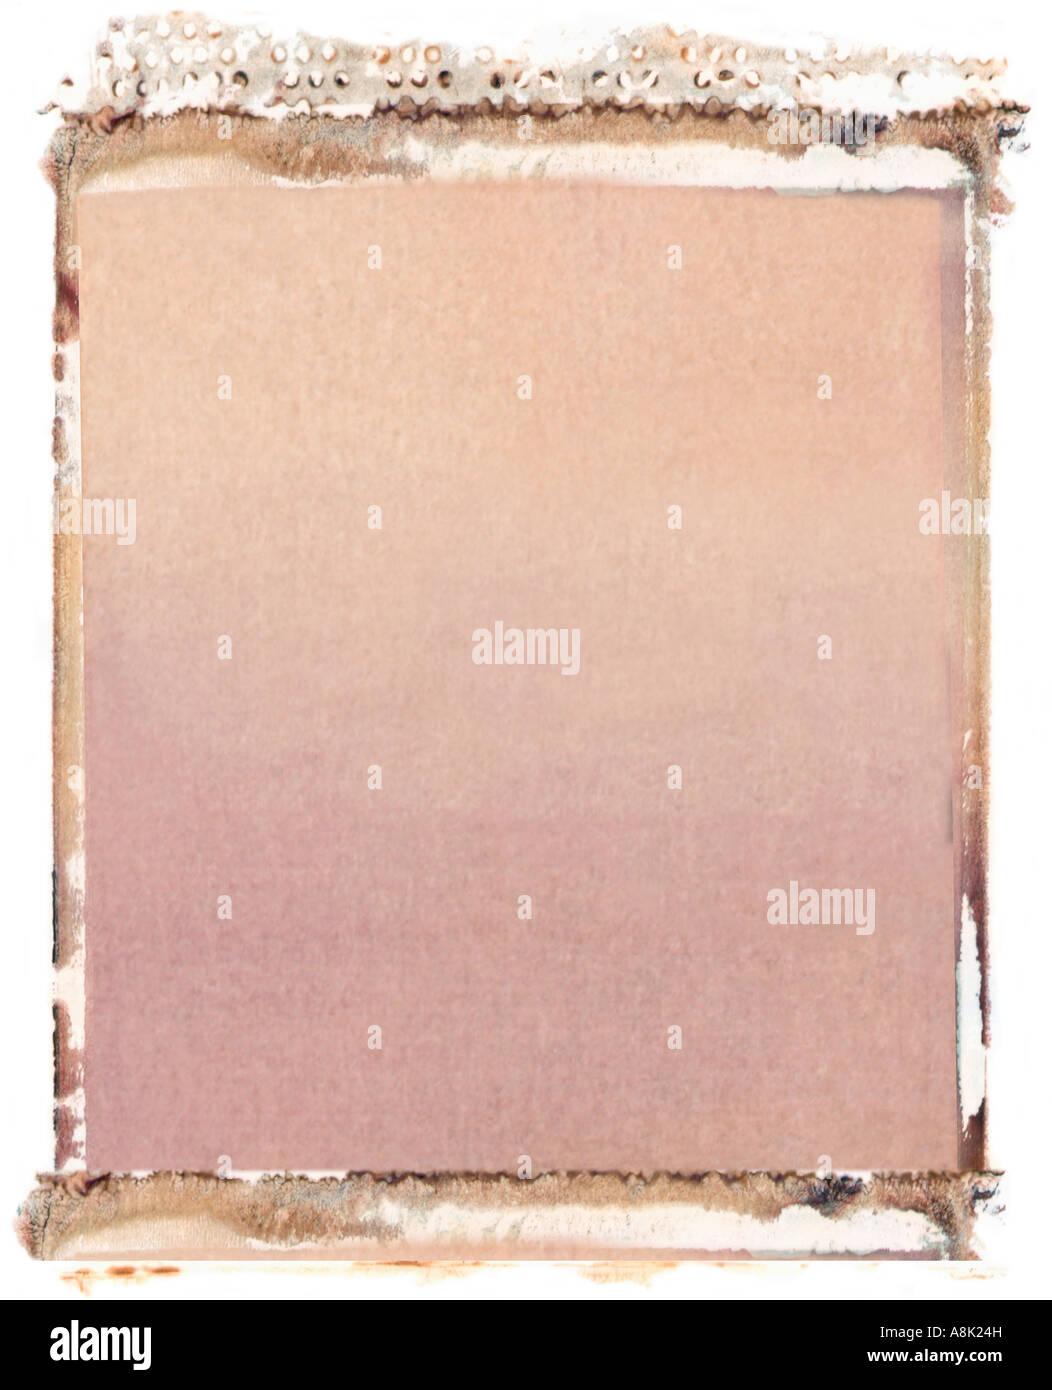 Blank 4x5 format polaroid transfer on white background Stock Photo ...